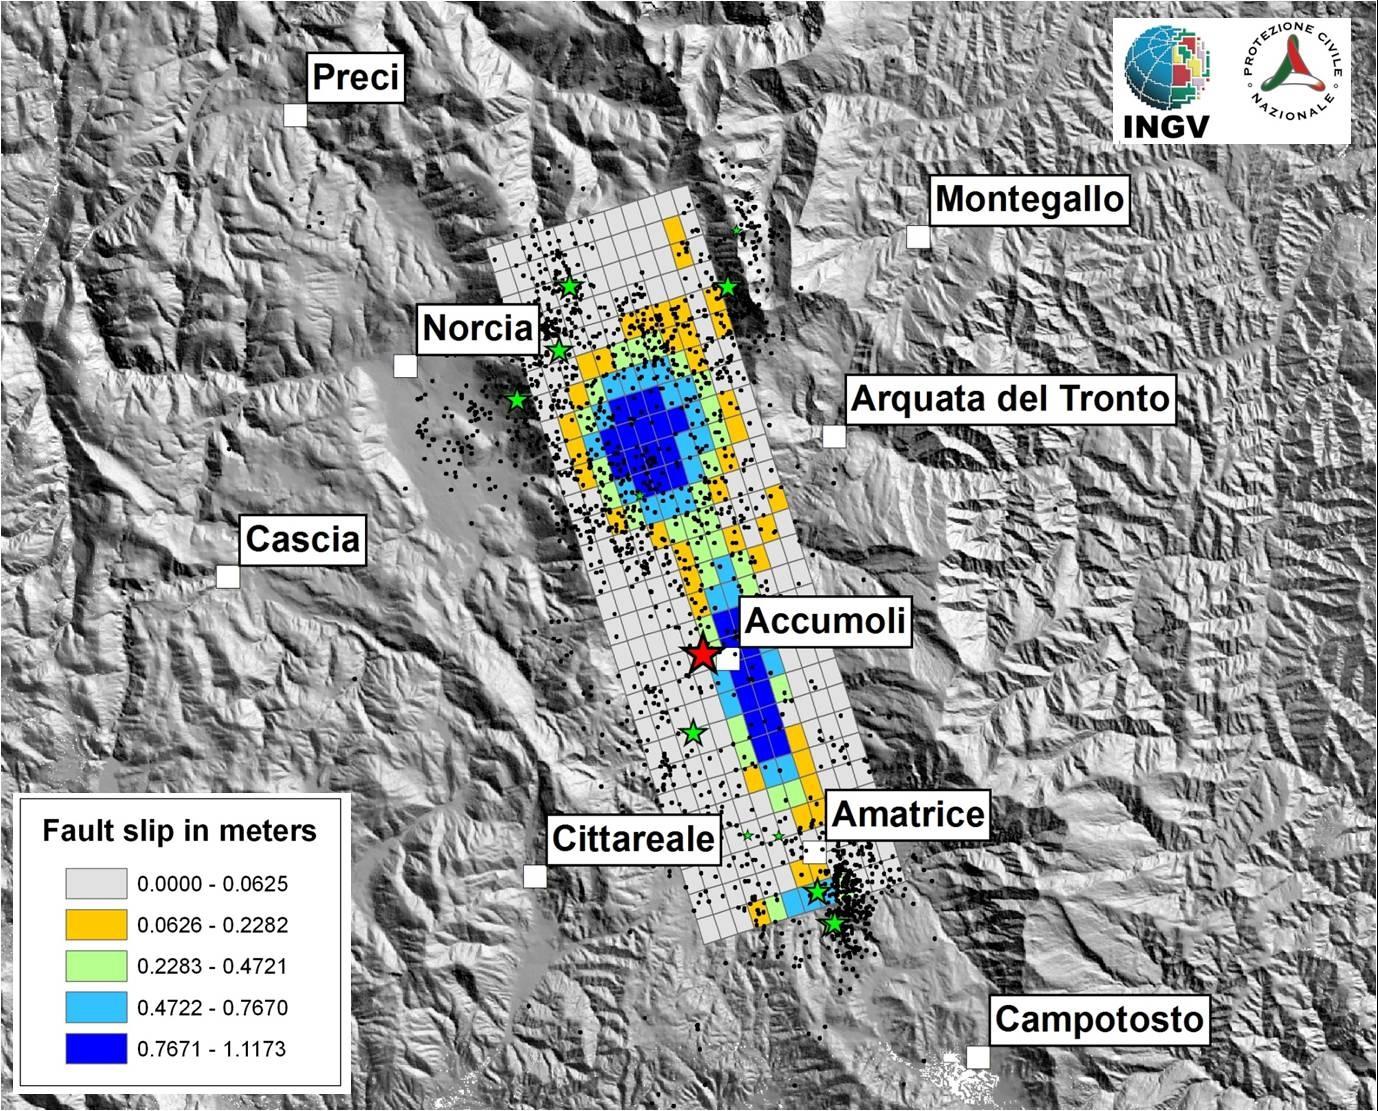 Italie - Tremblement de Terre - 24 août 2016 - Interférométrie - Sentinel-1 - Accumoli - Copernicus - ESA - INGV - DPC - Norcia - Amatrice - Fault - plates - Terromoto - Subsidence - déplacement - faille - réplique - épicentre